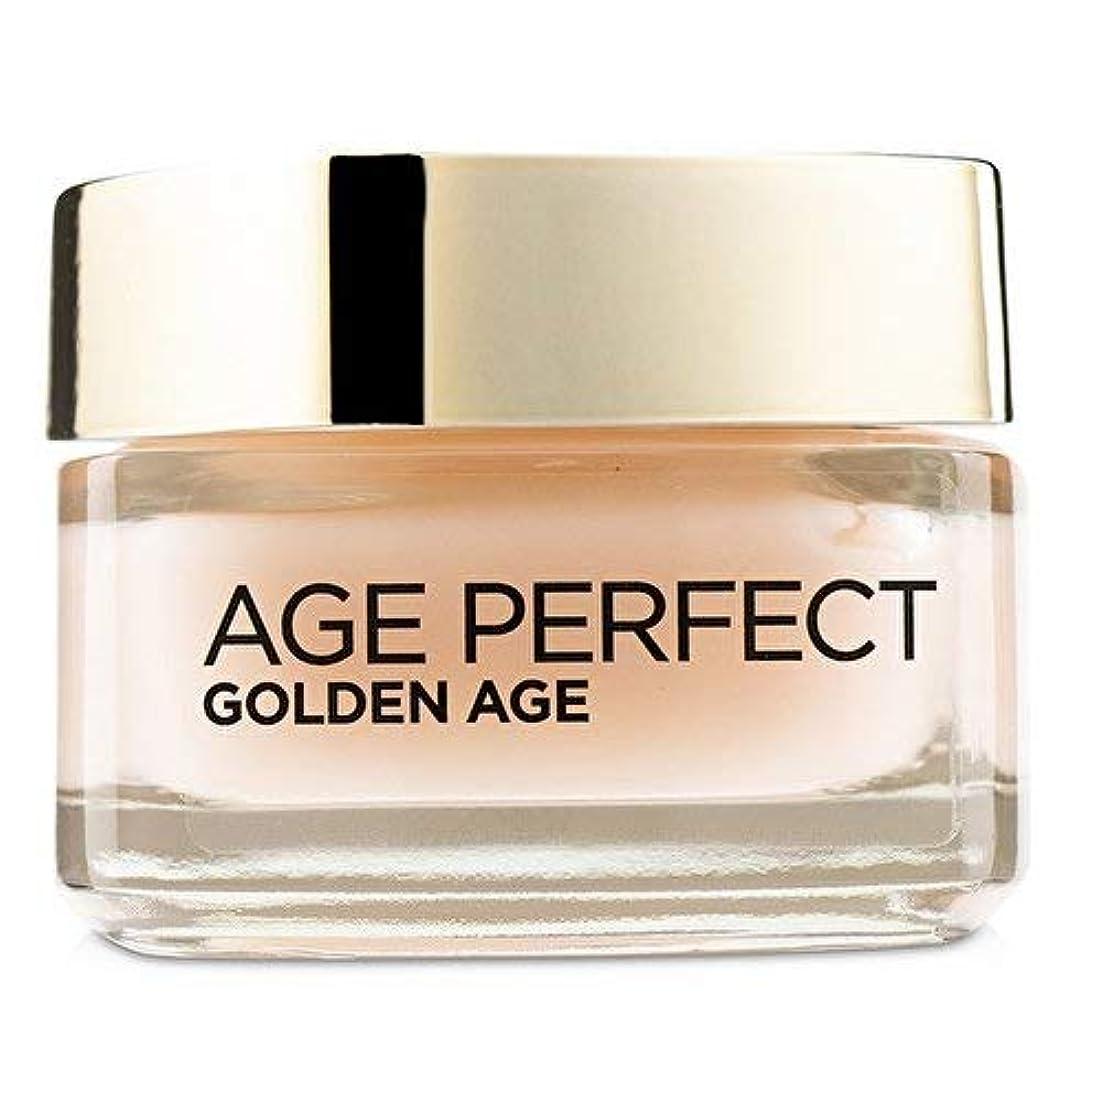 素晴らしき引き出す革命的ロレアル Age Perfect Golden Age Mask 50ml/1.7oz並行輸入品